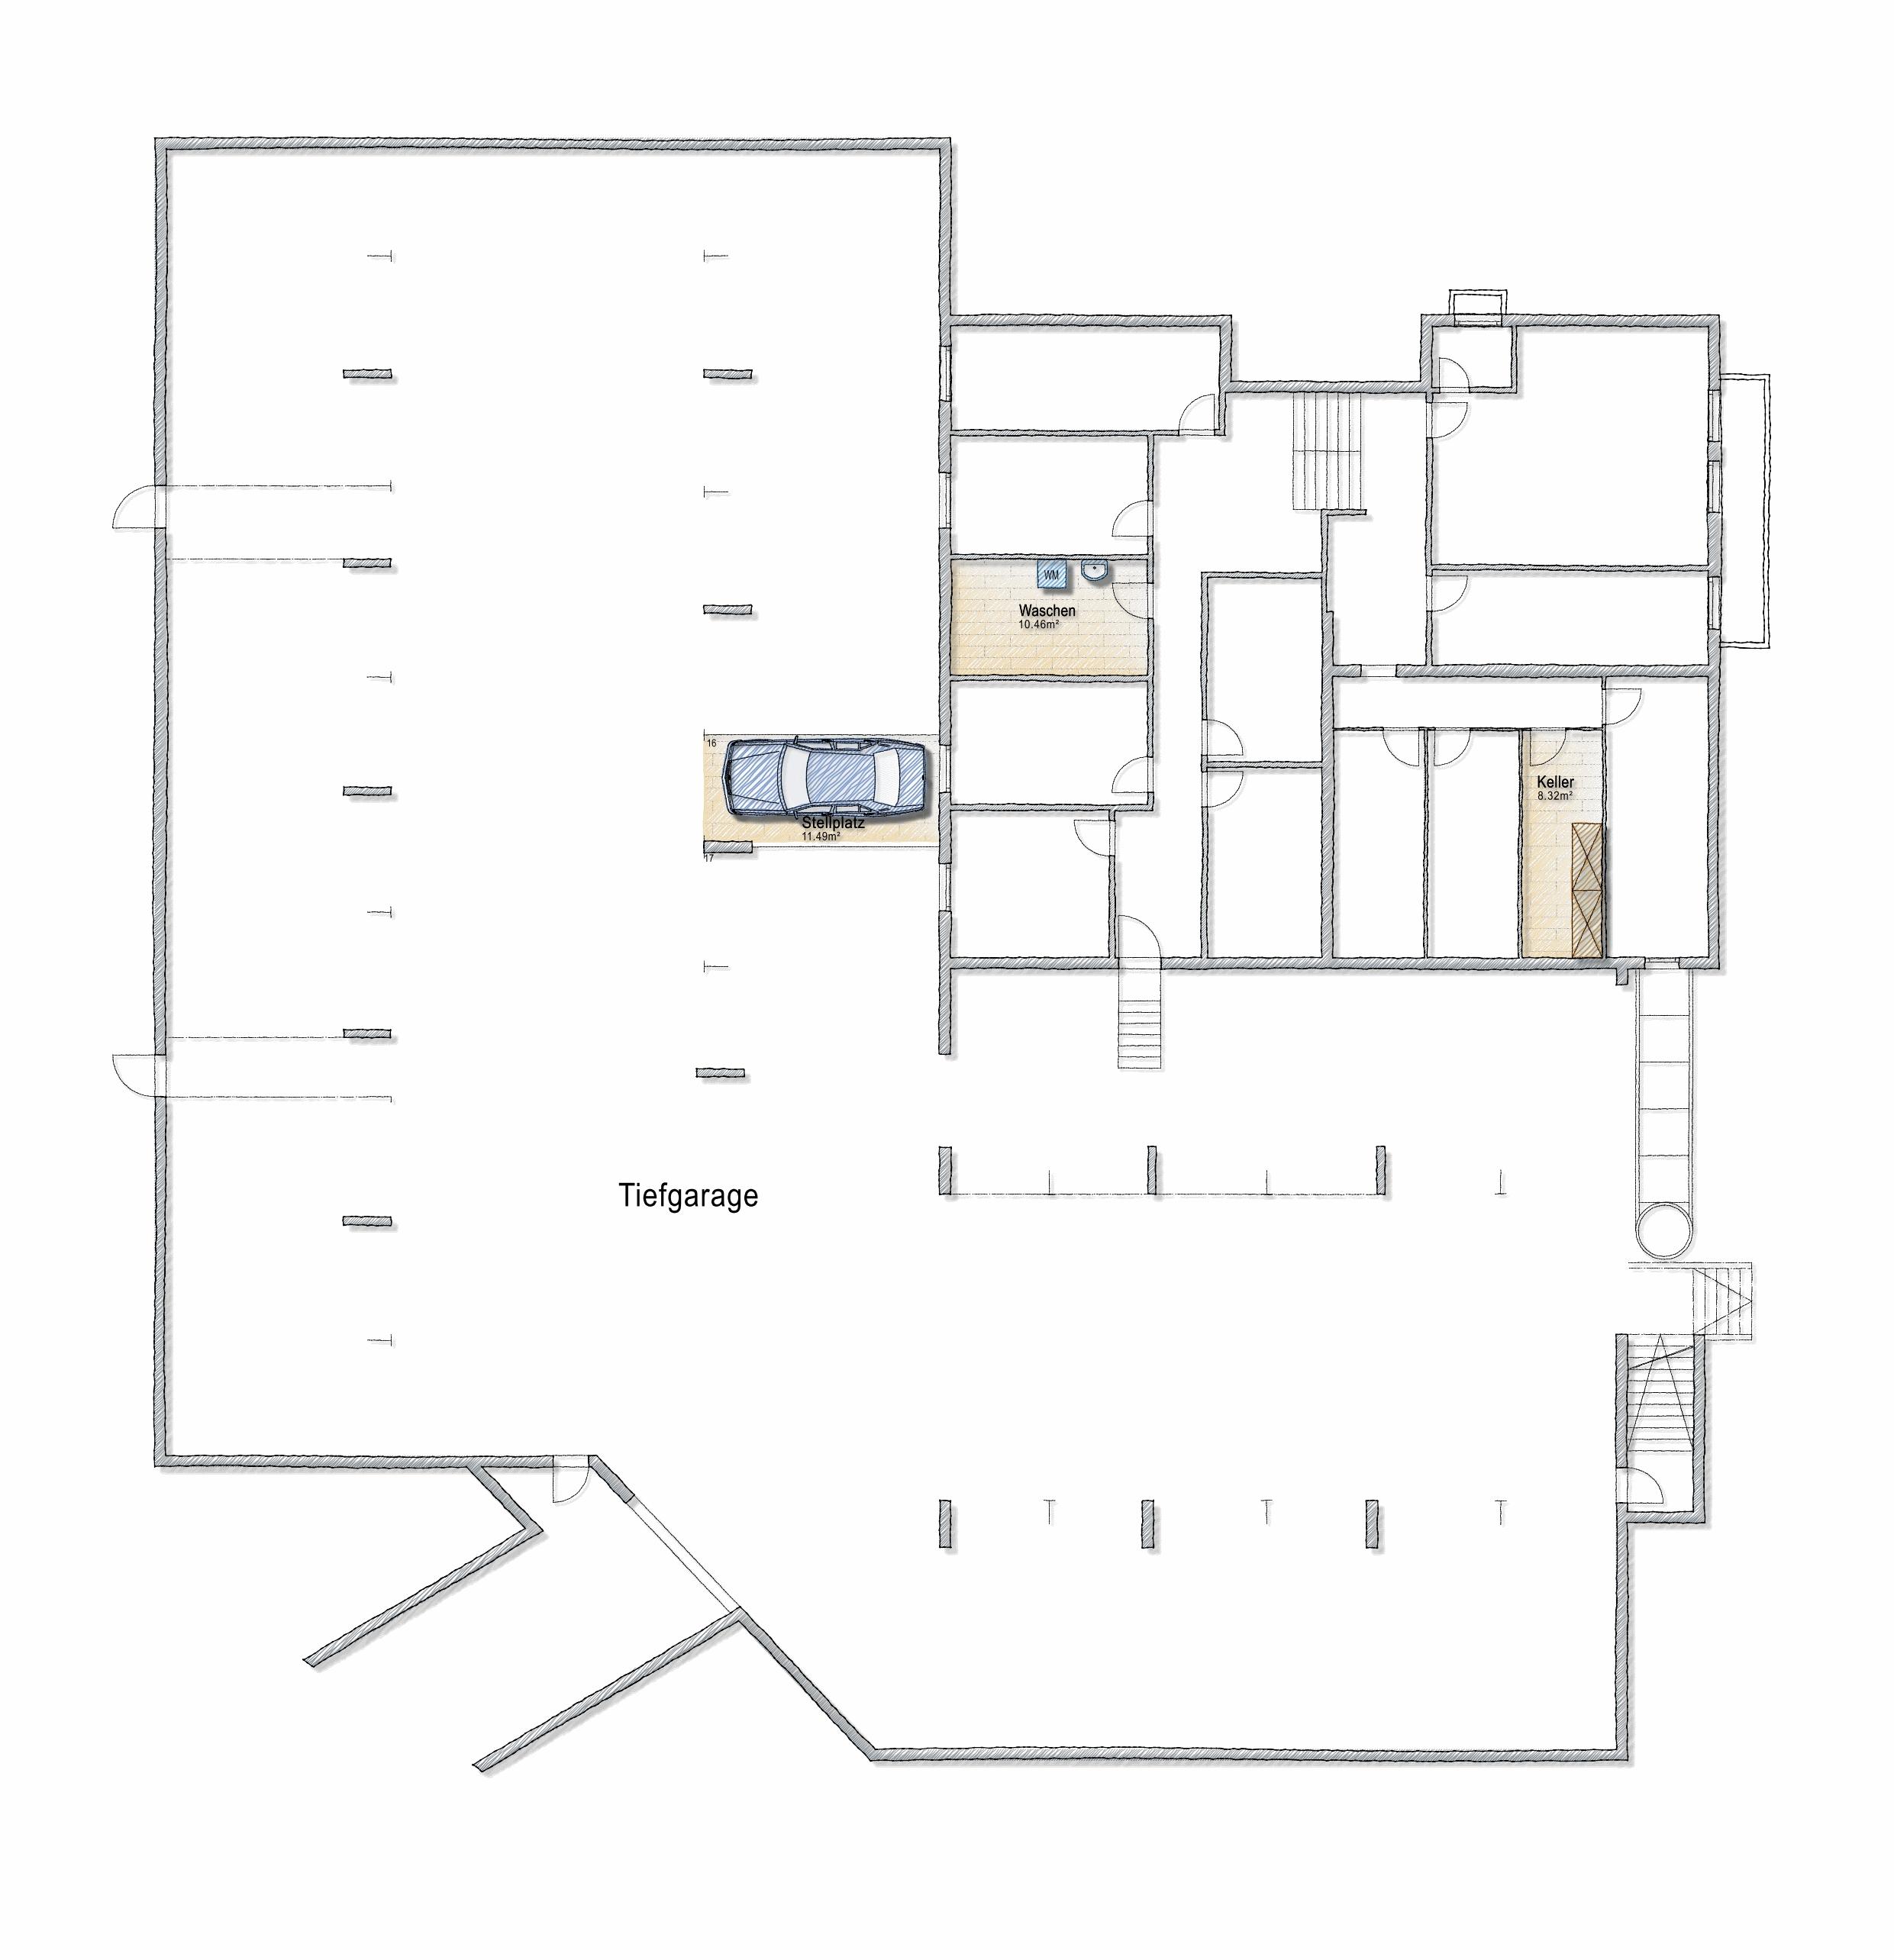 Untergeschoss mit dem Keller, der Waschküche und dem Garagenplatz